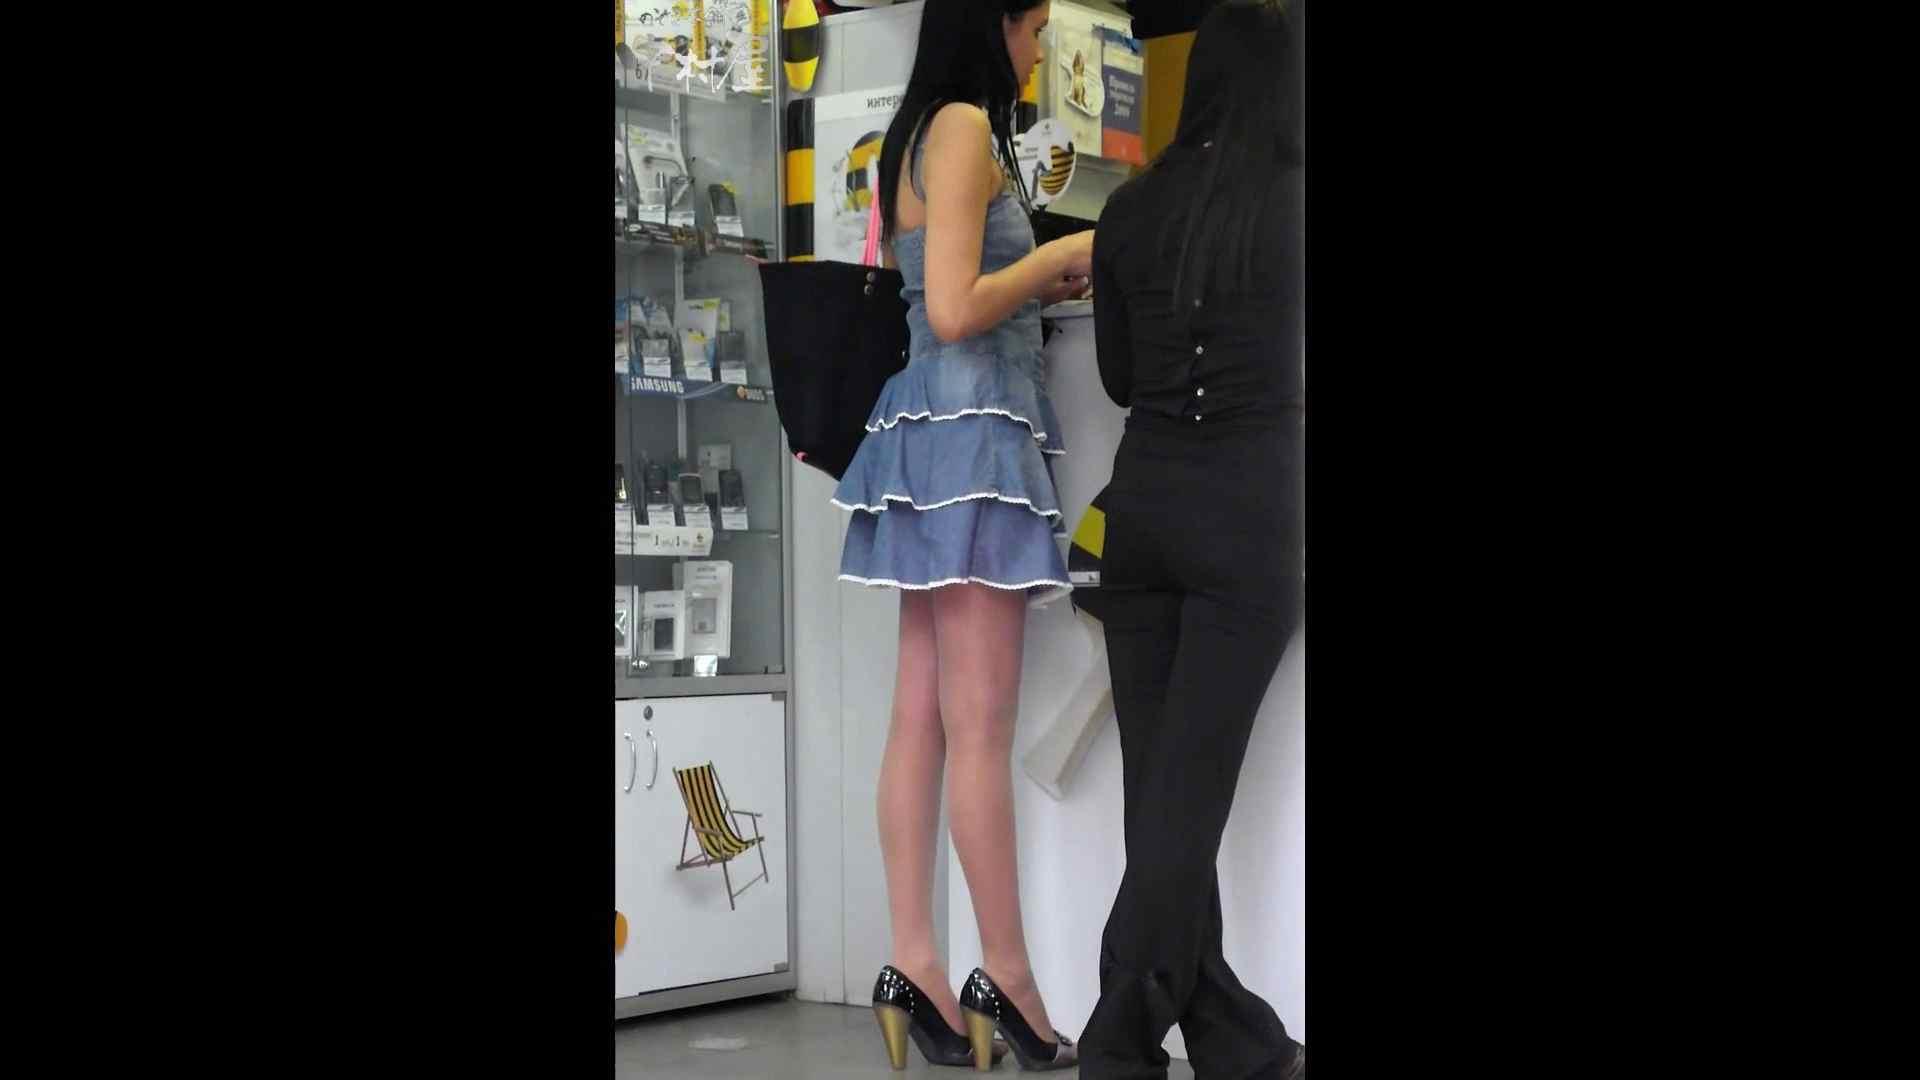 綺麗なモデルさんのスカート捲っちゃおう‼ vol18 お姉さんのエロ動画  81PIX 32